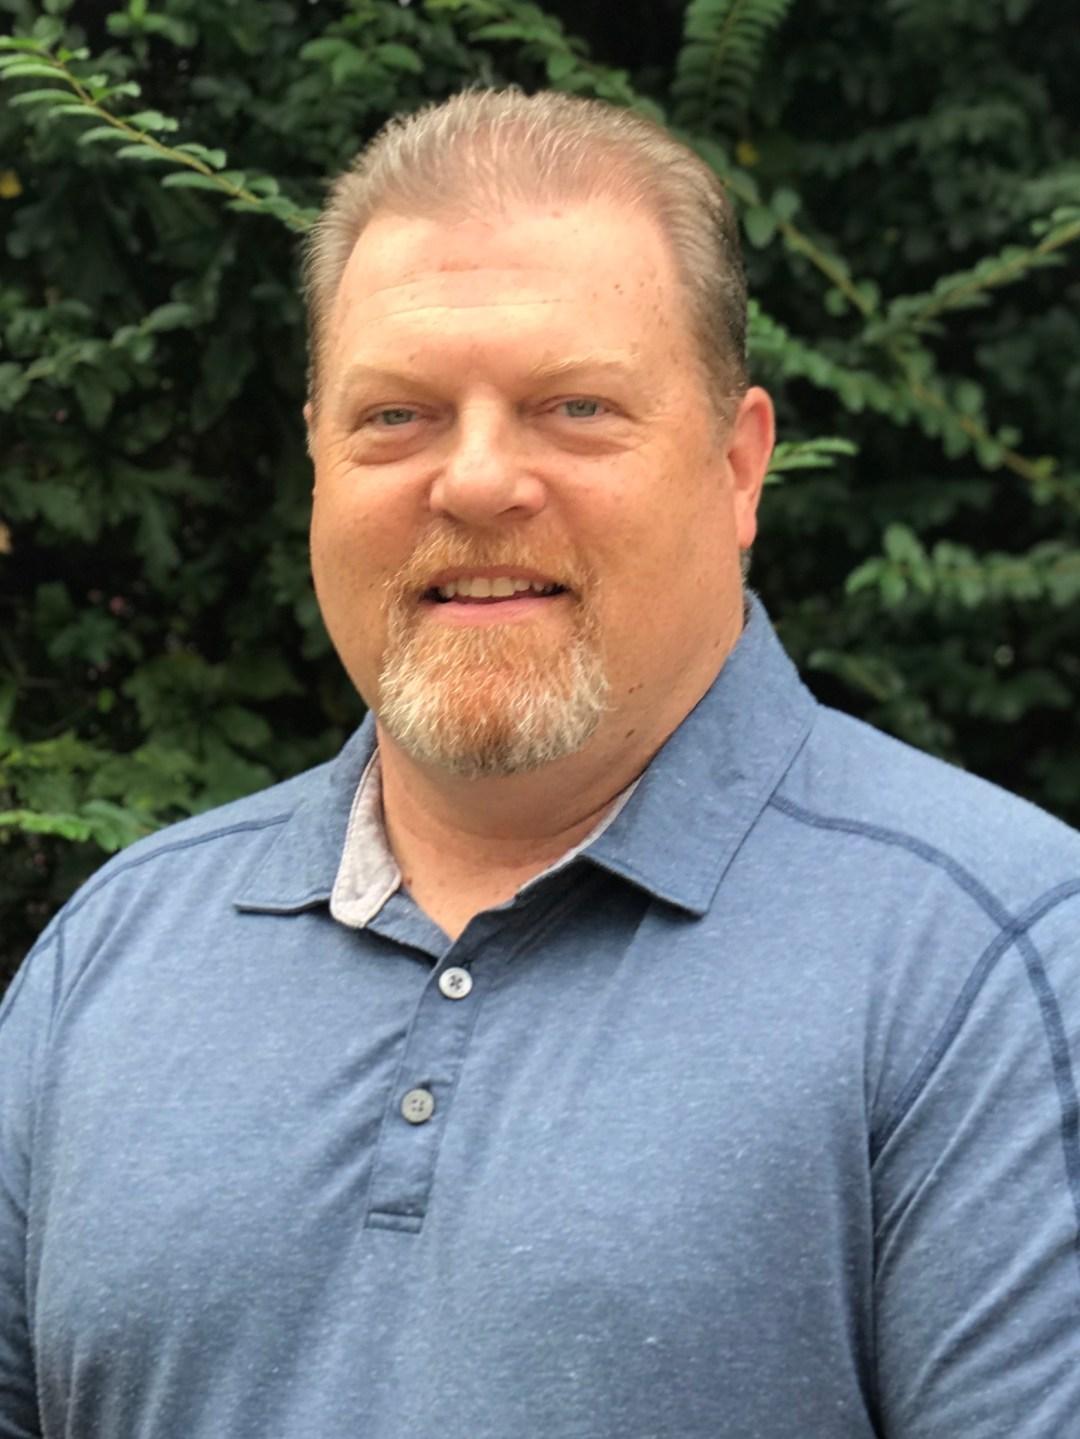 Greg Remson